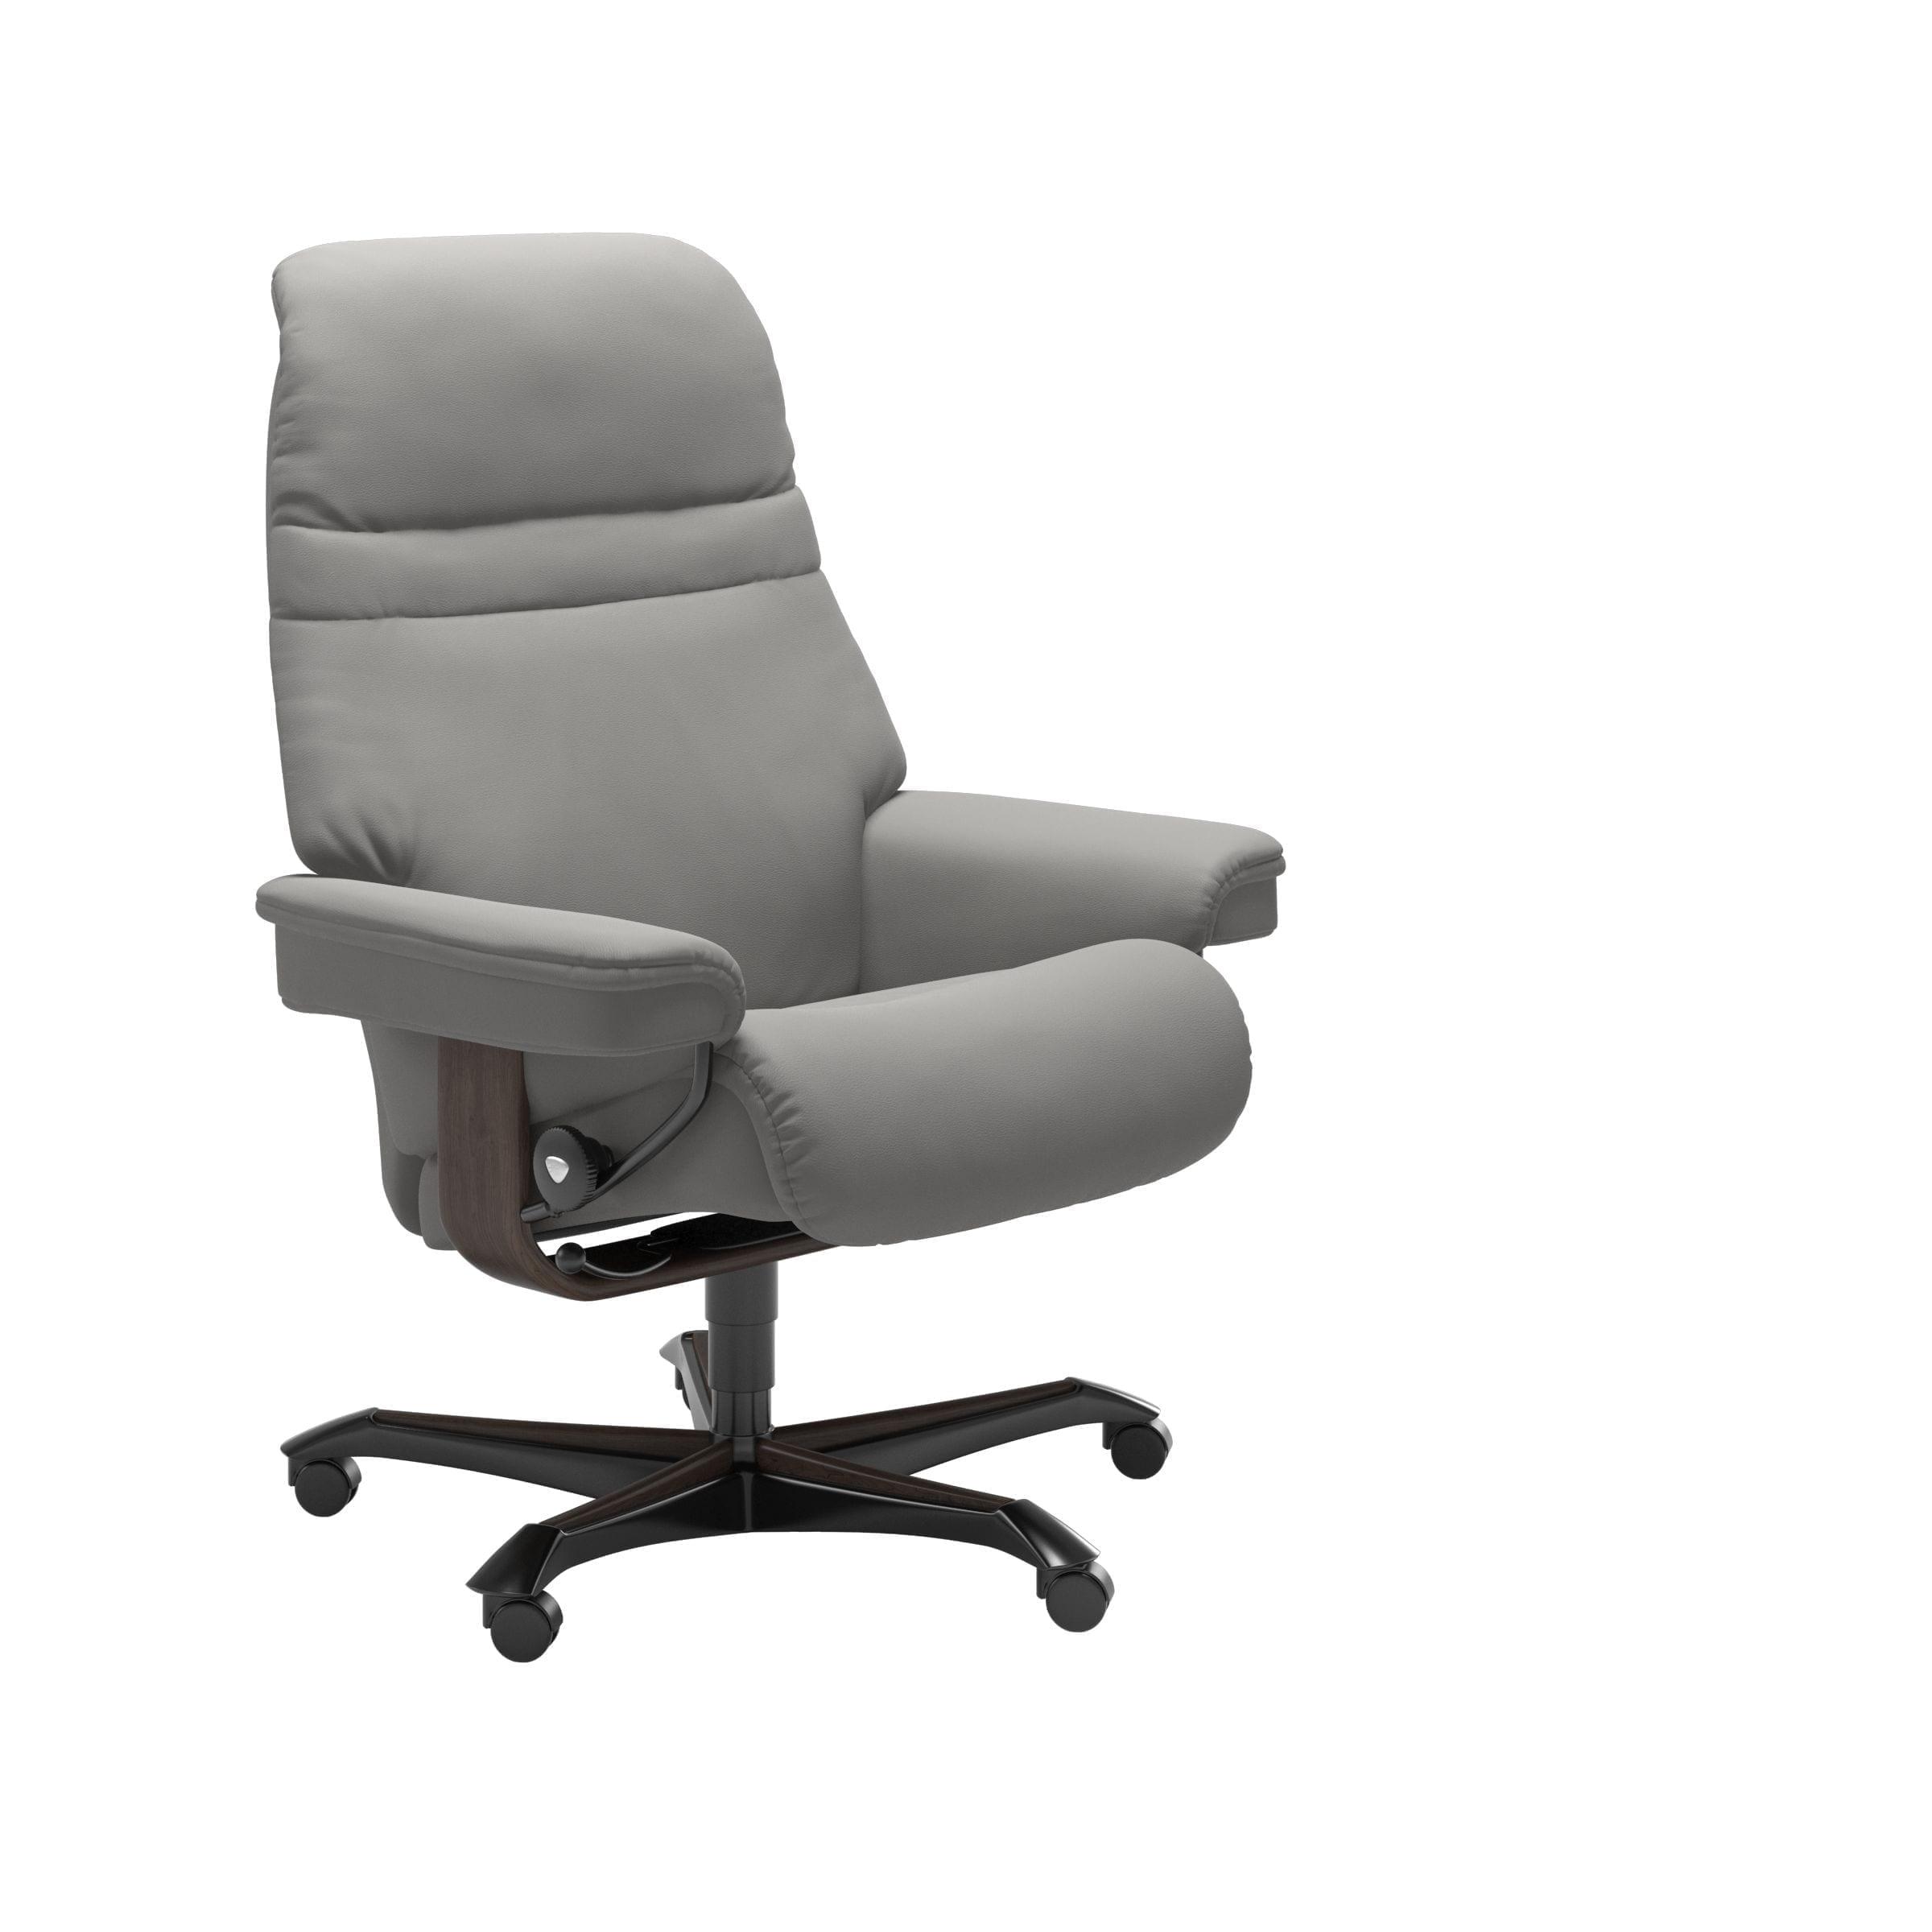 Sunrise Office Chair Stressless 1